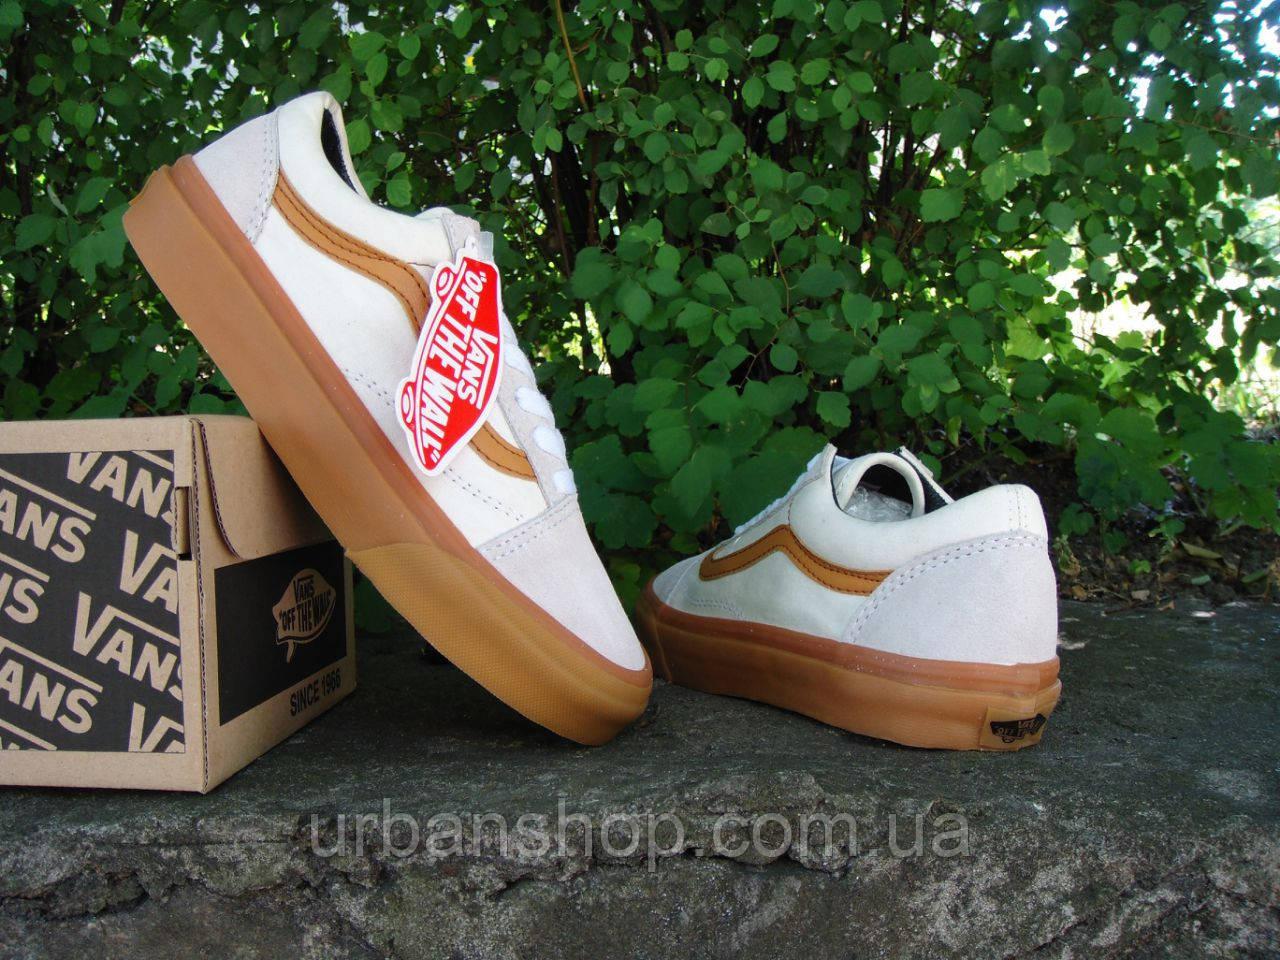 Кеды Vans Old Skool White 36-45 рр